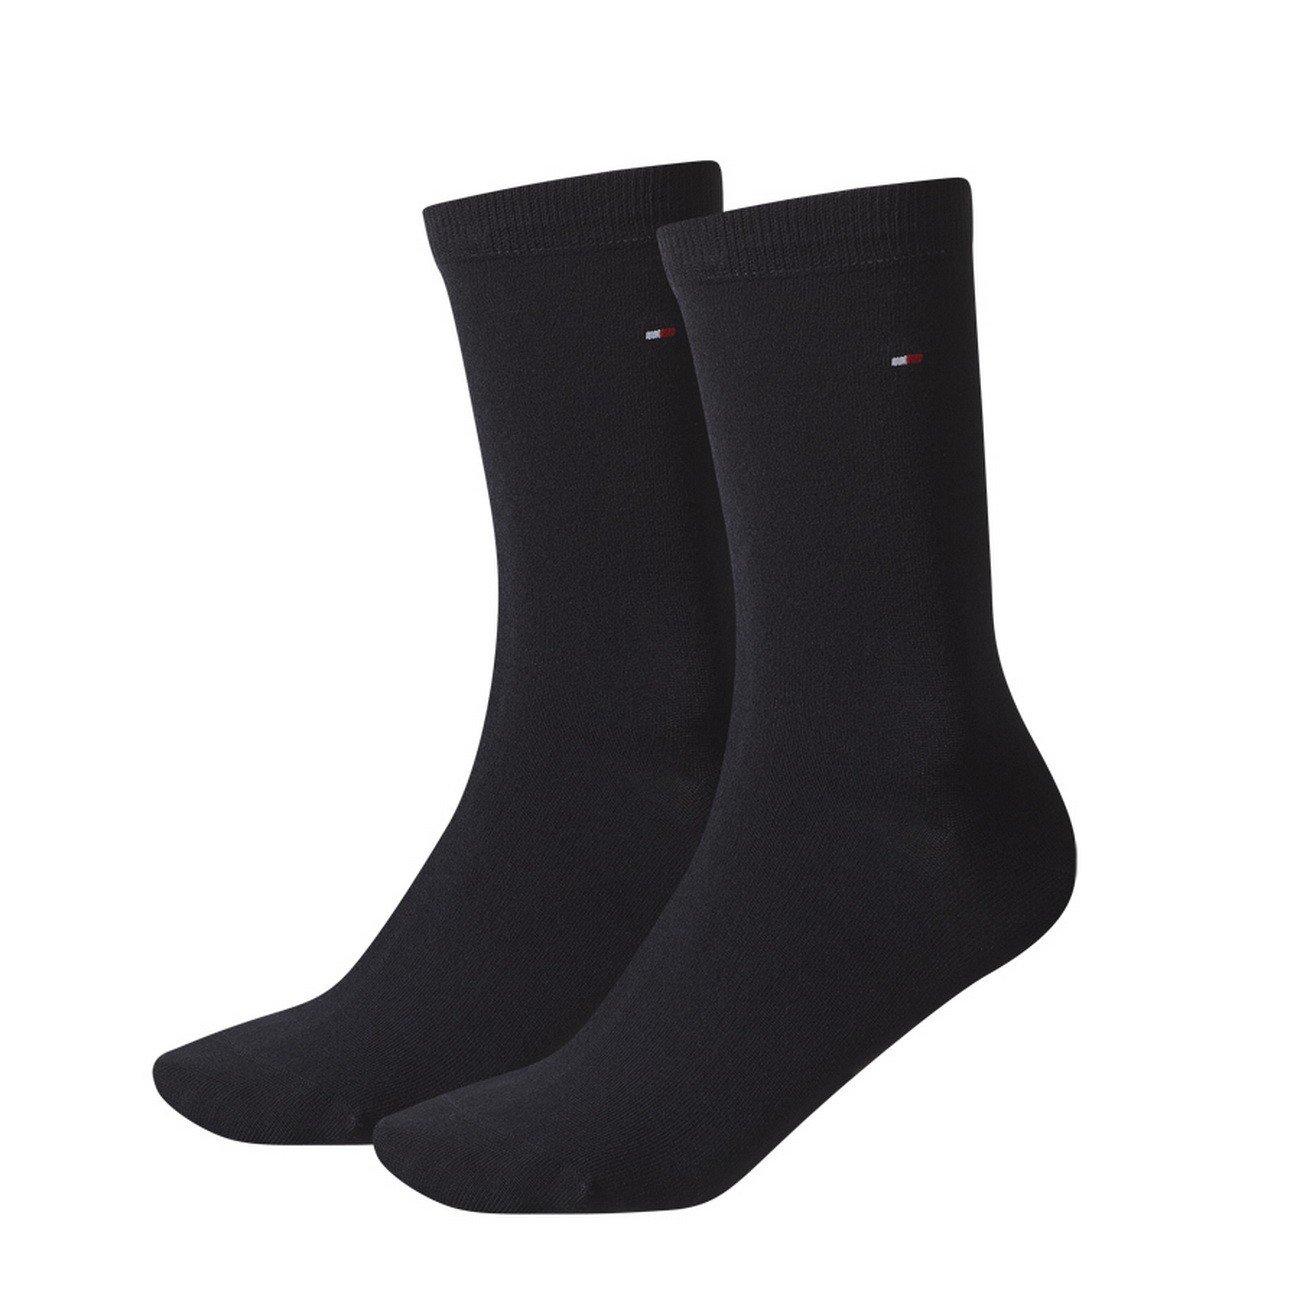 Tommy Hilfiger Damen Socken Casual 4er Pack